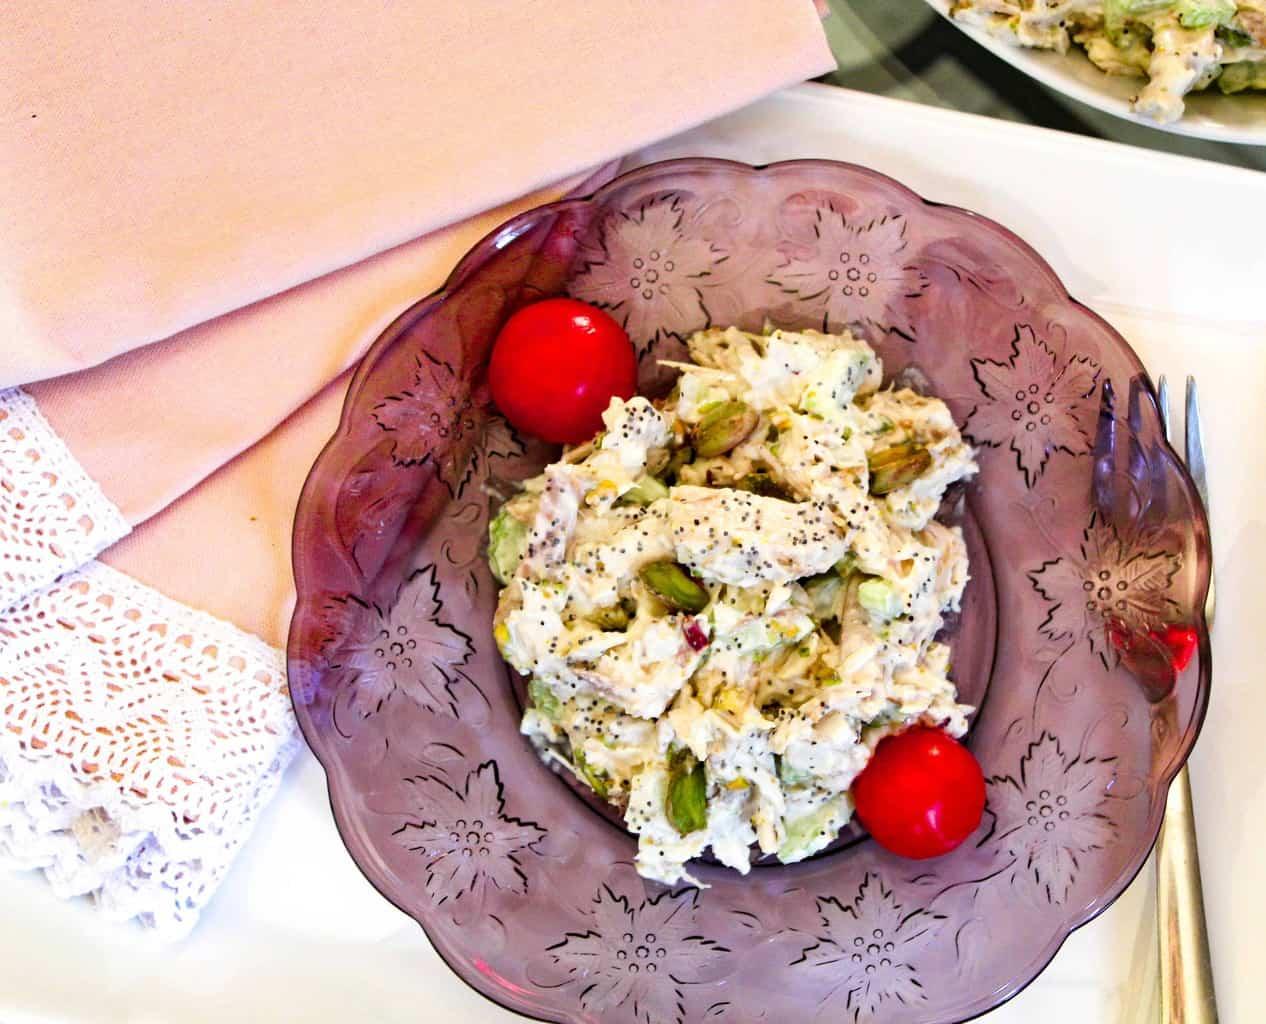 Pistachio Chicken Salad on plate